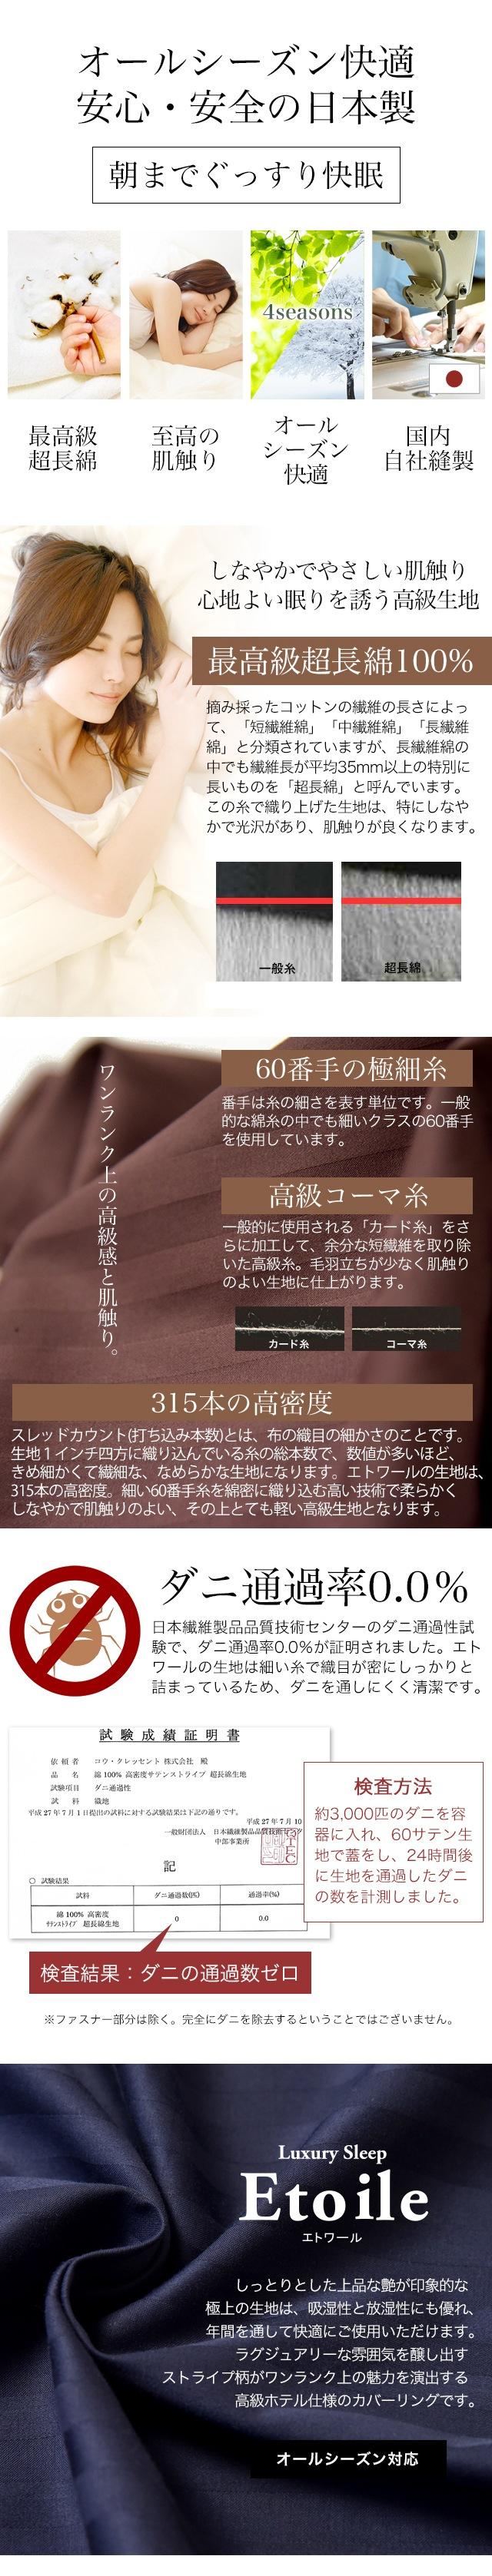 エトワール布団カバーセット最高級超長綿100%